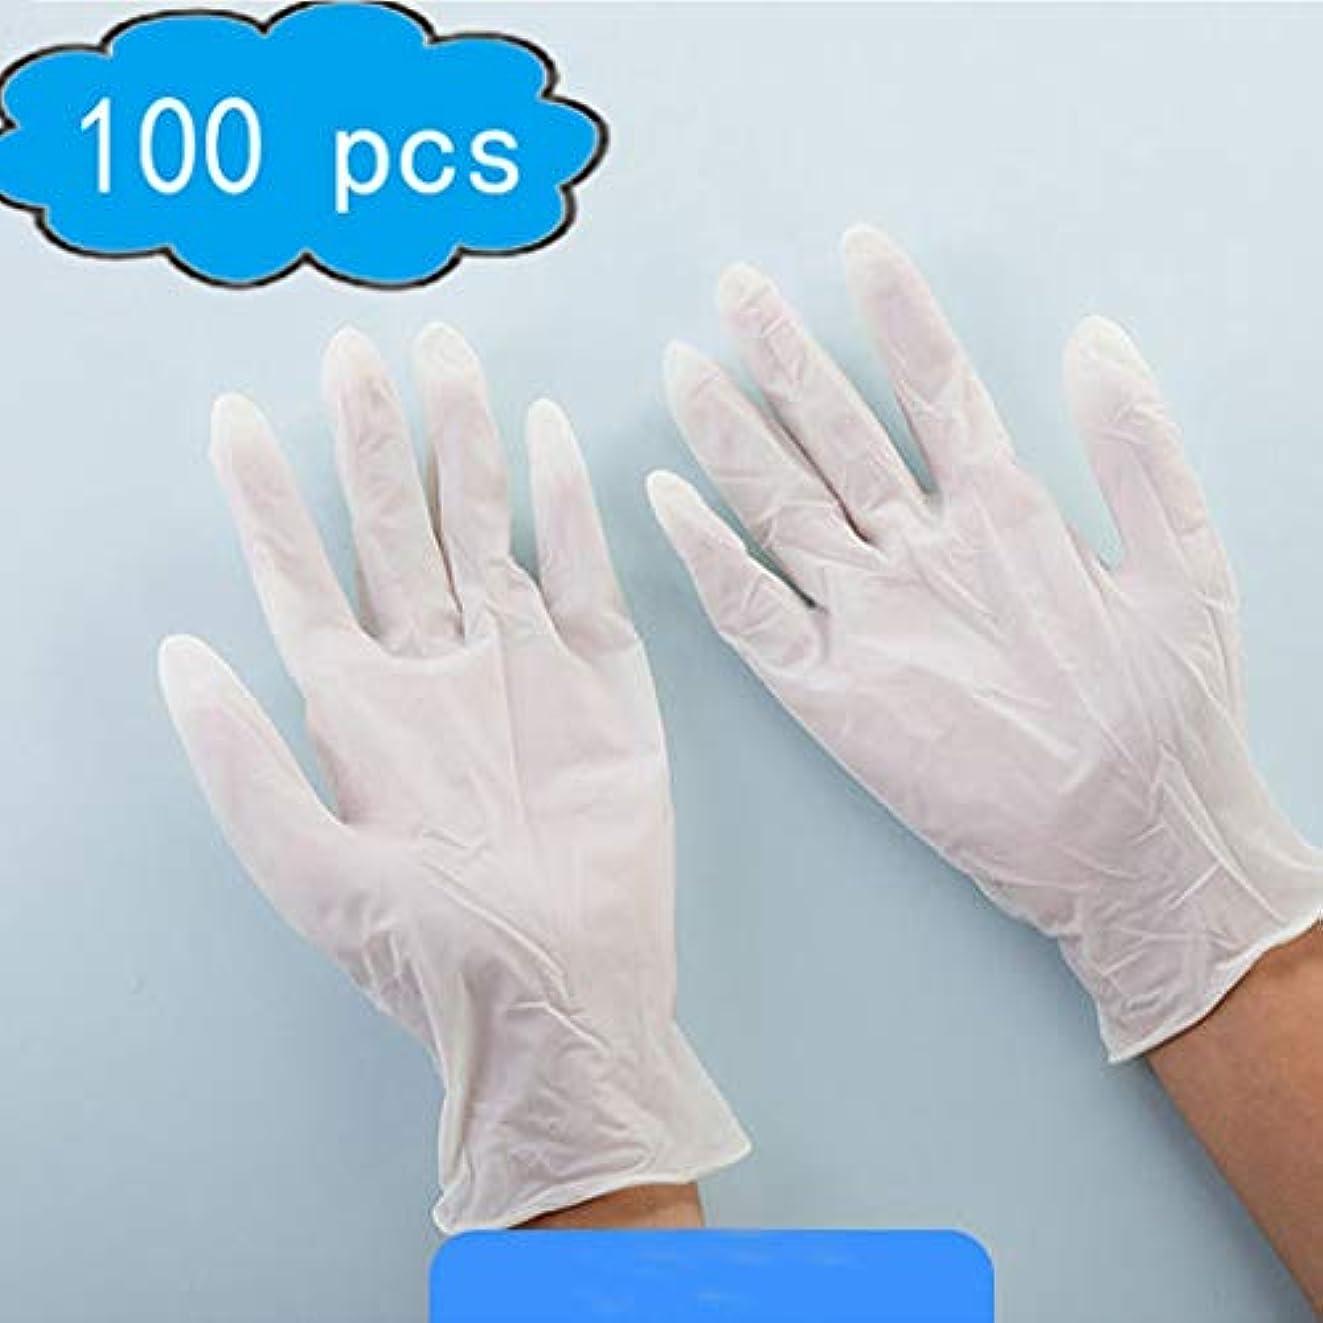 ハンバーガートレッドほこりっぽい使い捨て手袋、厚手版、白い粉のない使い捨てニトリル手袋[100パック] - 大、サニタリー手袋、応急処置用品 (Color : White, Size : S)